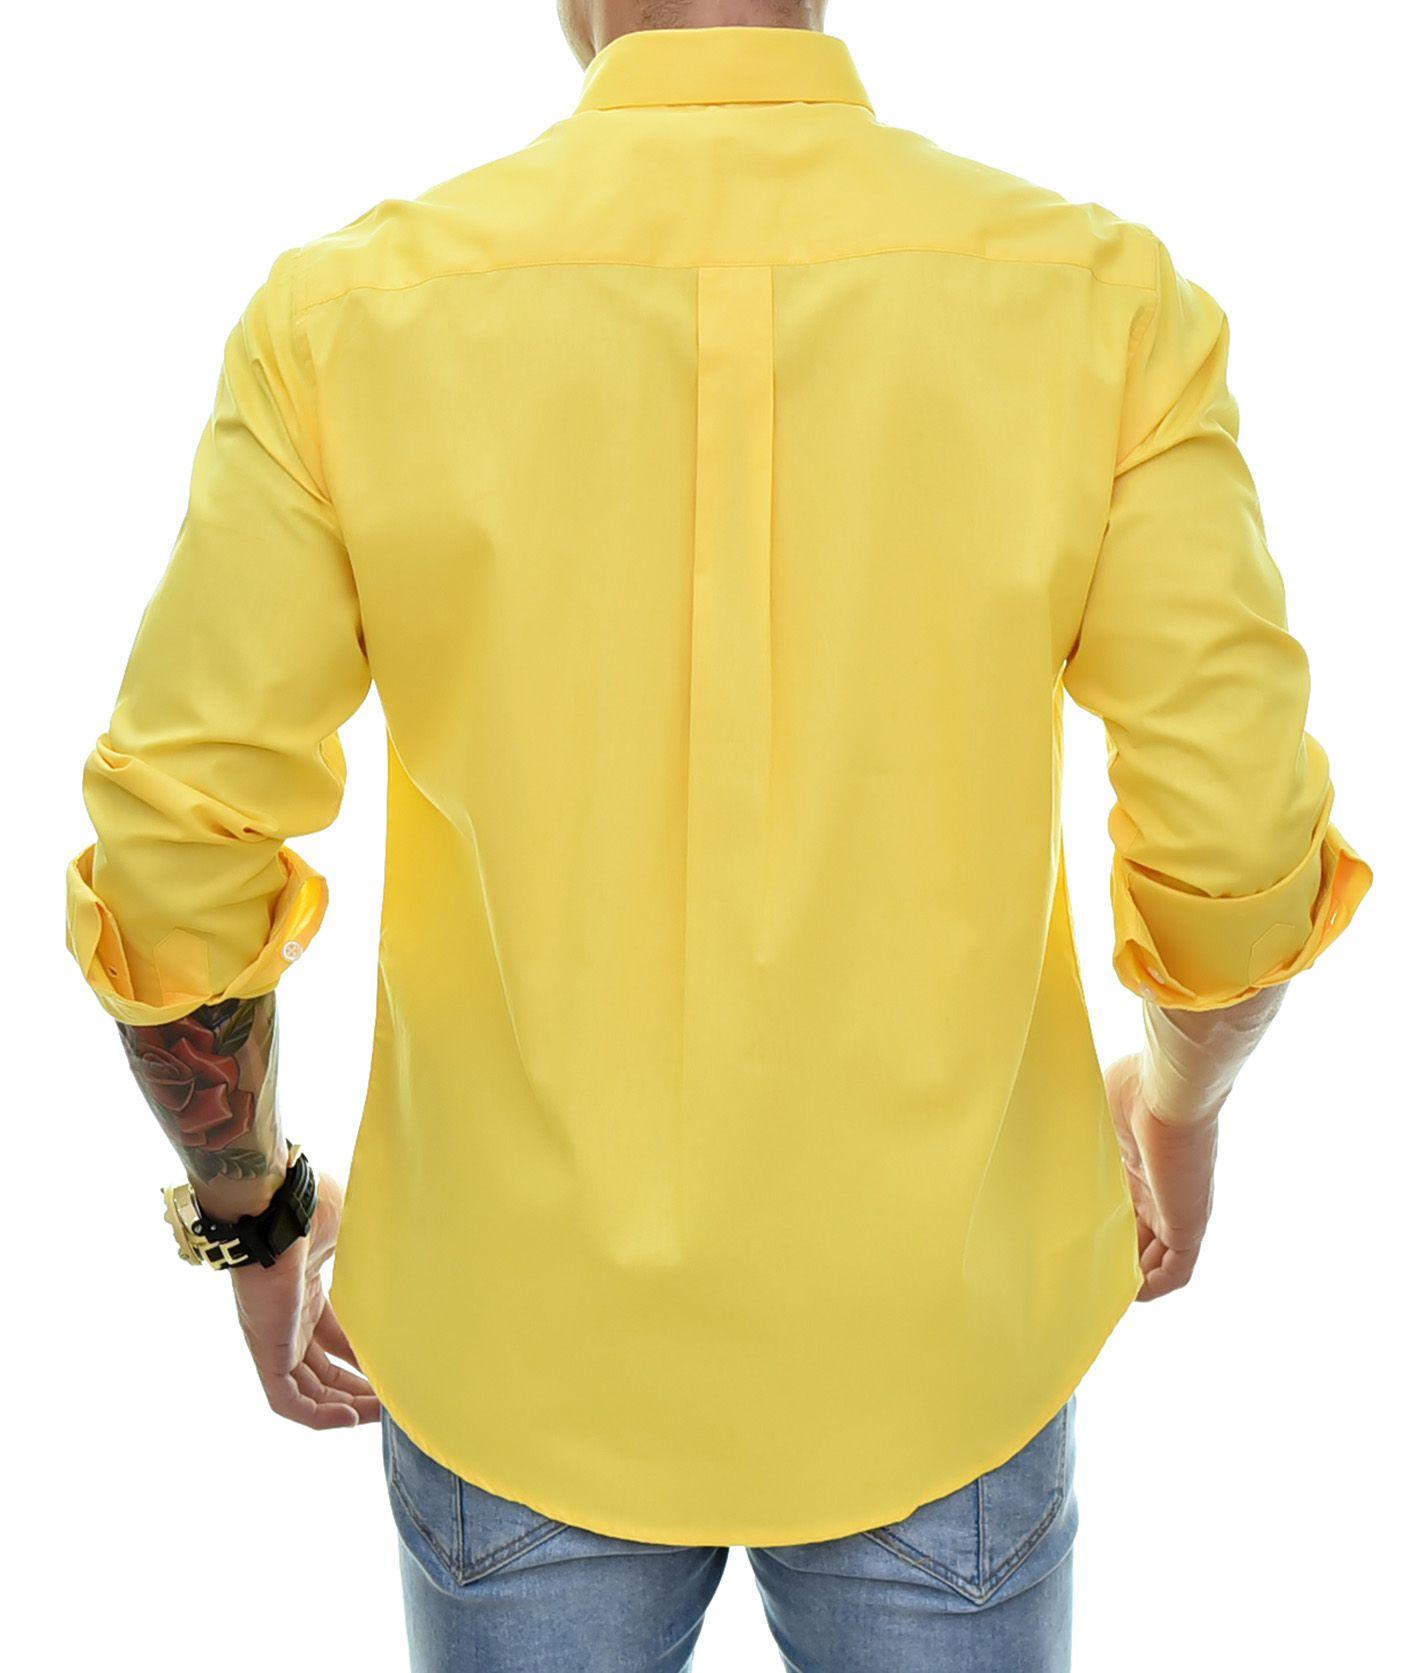 Camisa Social RL Amarela Colored - Custom Fit  - Ca Brasileira